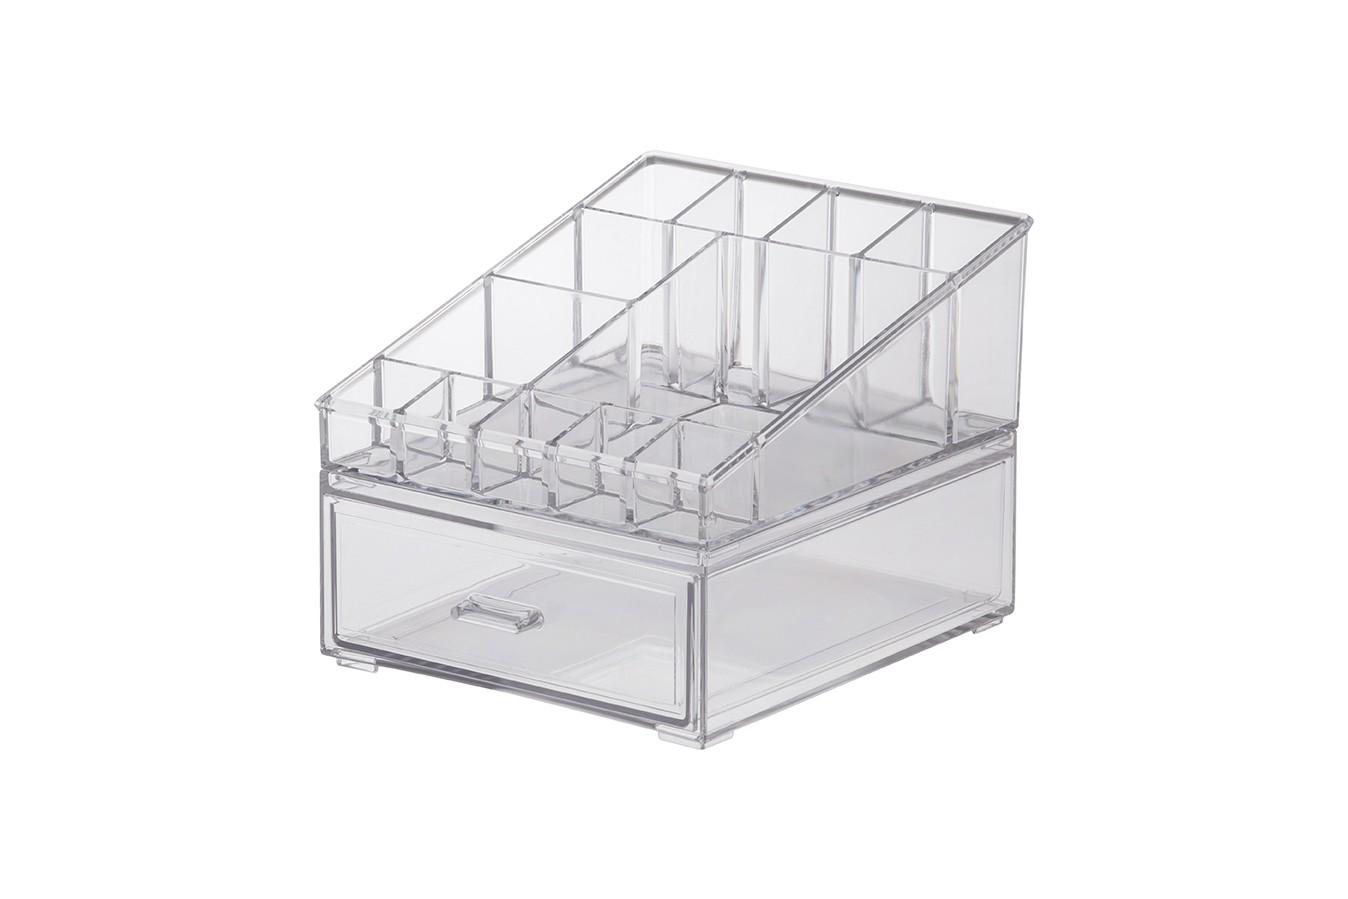 Kit Organizador Cosméticos 18,5x16,5x14,5 Cm